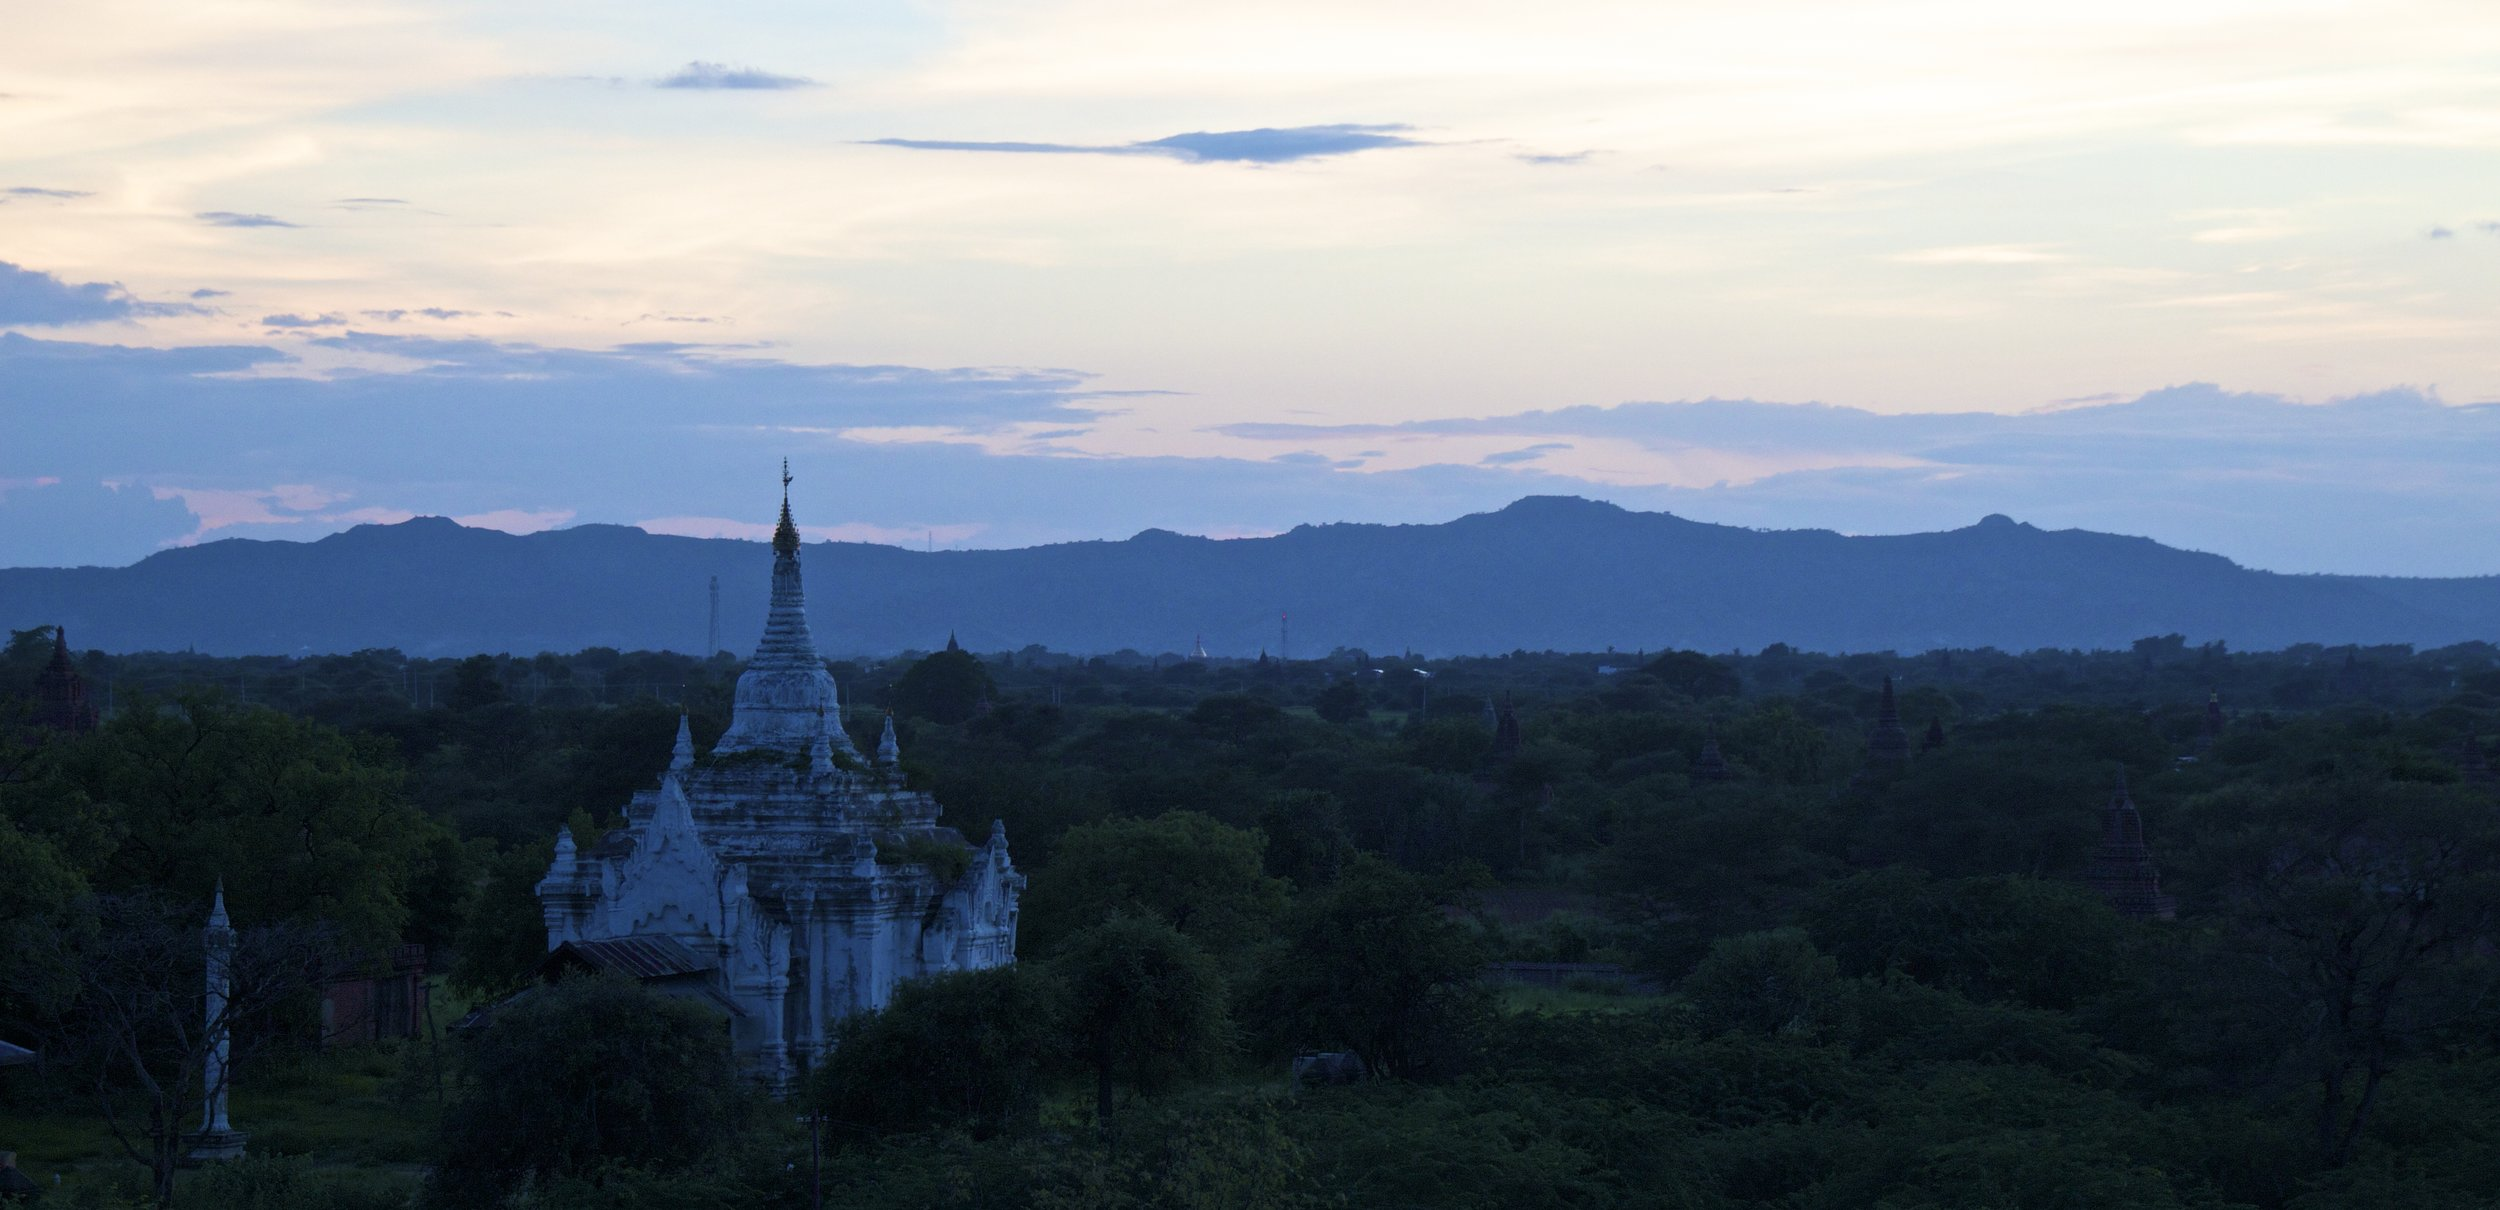 bagan burma myanmar temples sunset 7.jpg